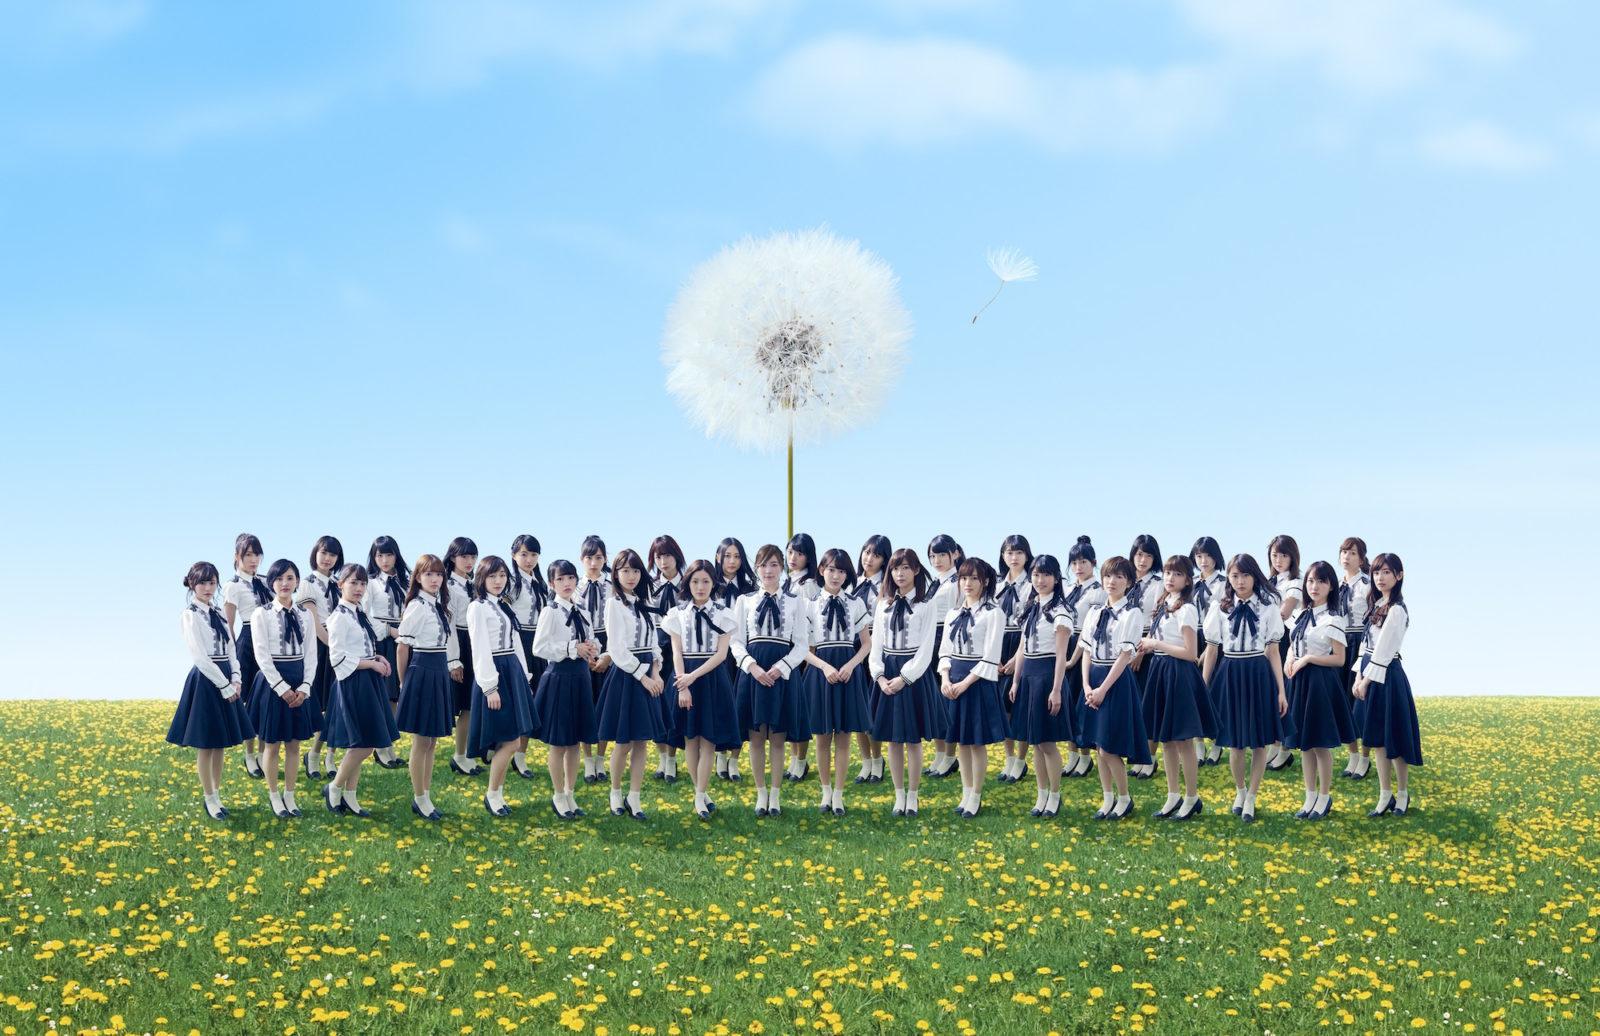 AKB48横山由依、総監督としての意外すぎる業務にダウンタウン松本「総監督っていうか……」サムネイル画像